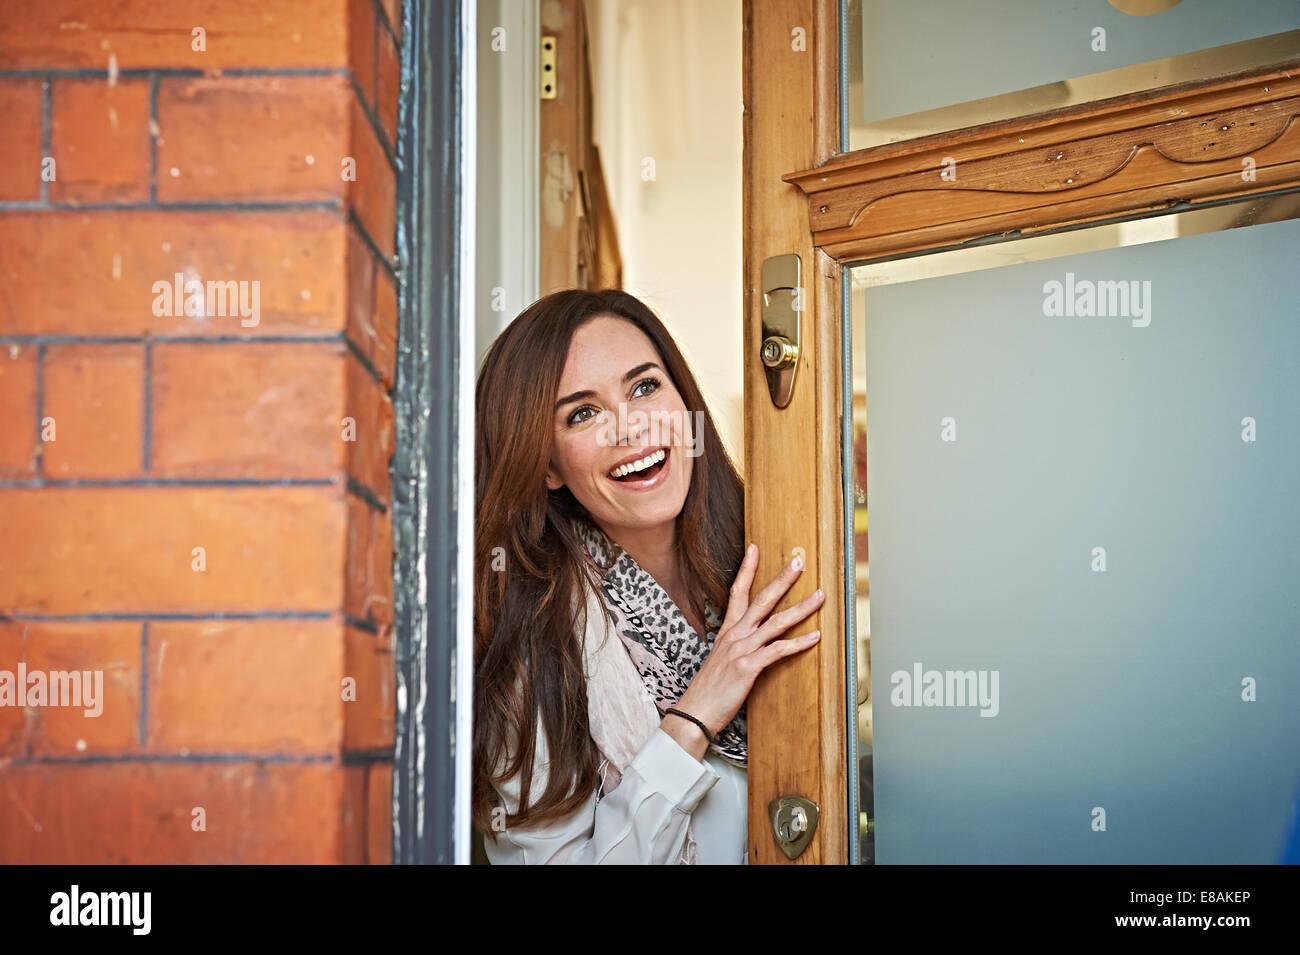 Mujer abriendo la puerta delantera Imagen De Stock